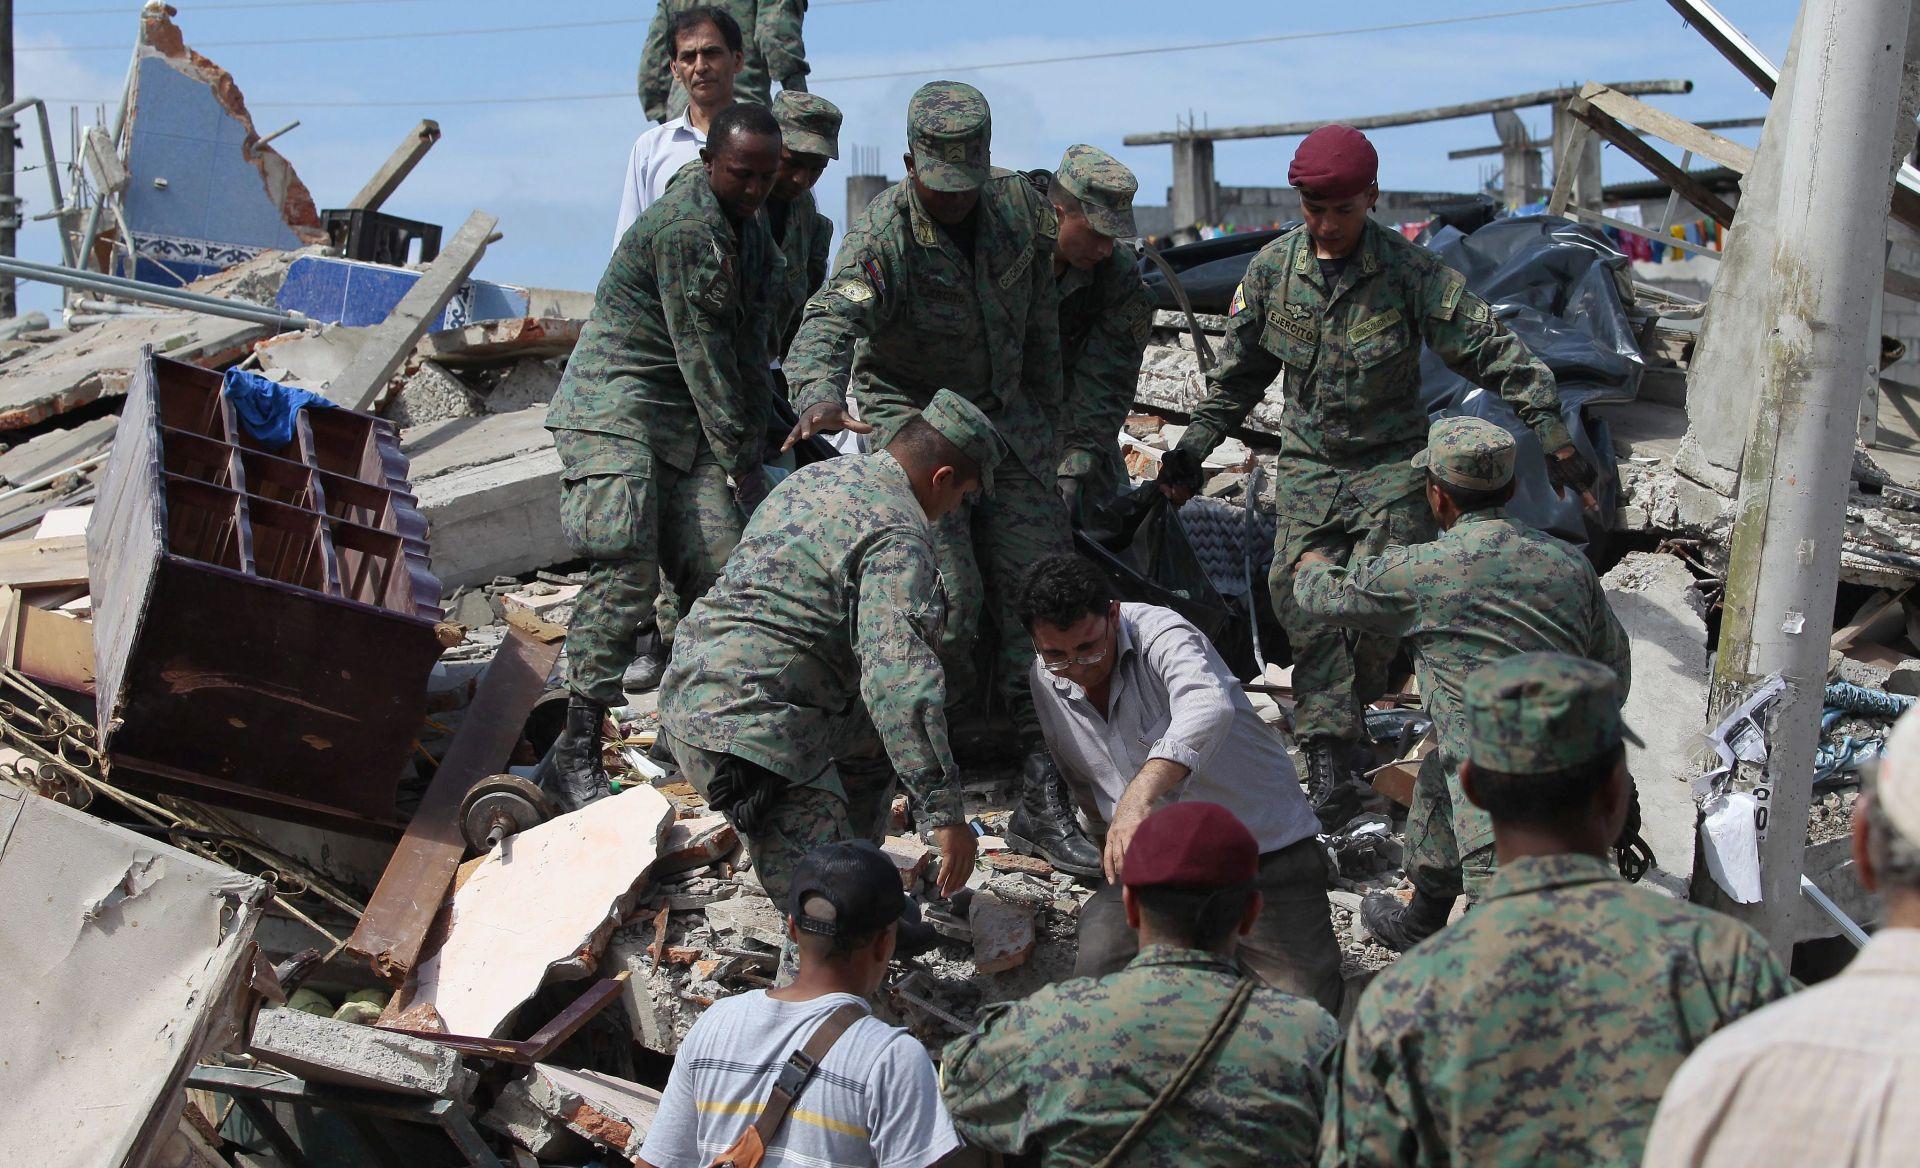 POTRES U EKVADORU: Broj mrtvih porastao na 233, traje potraga za preživjelima